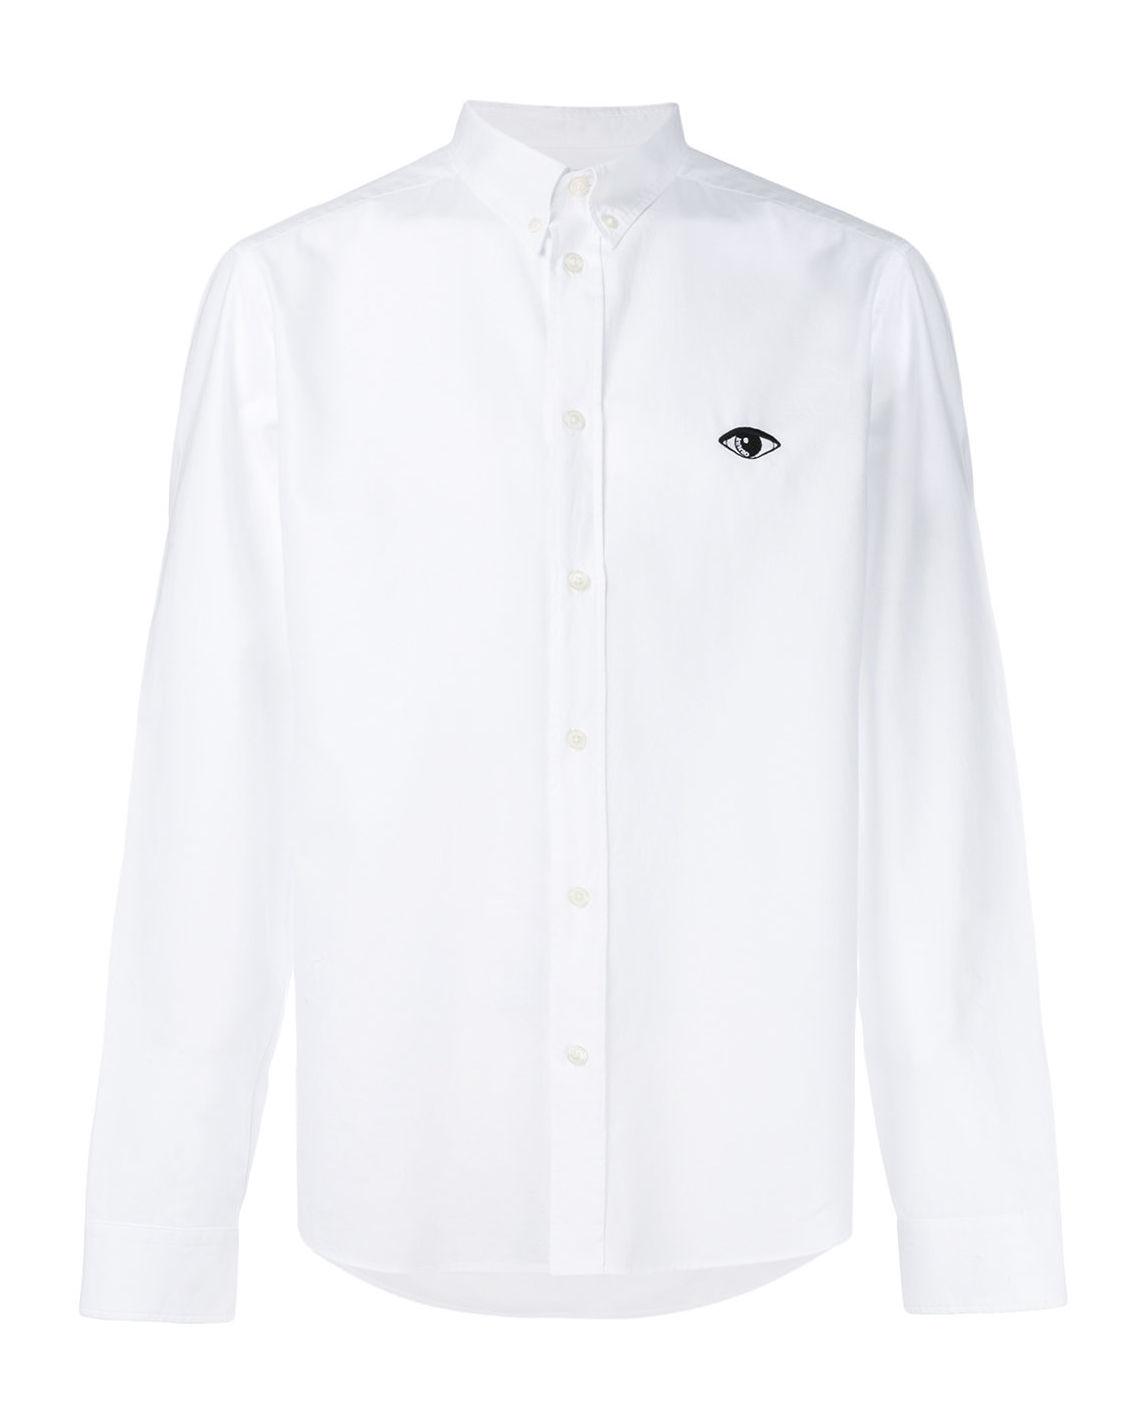 5d0a70187437a1 Biała koszula eye KENZO – Kup Teraz! Najlepsze ceny i opinie! Sklep ...